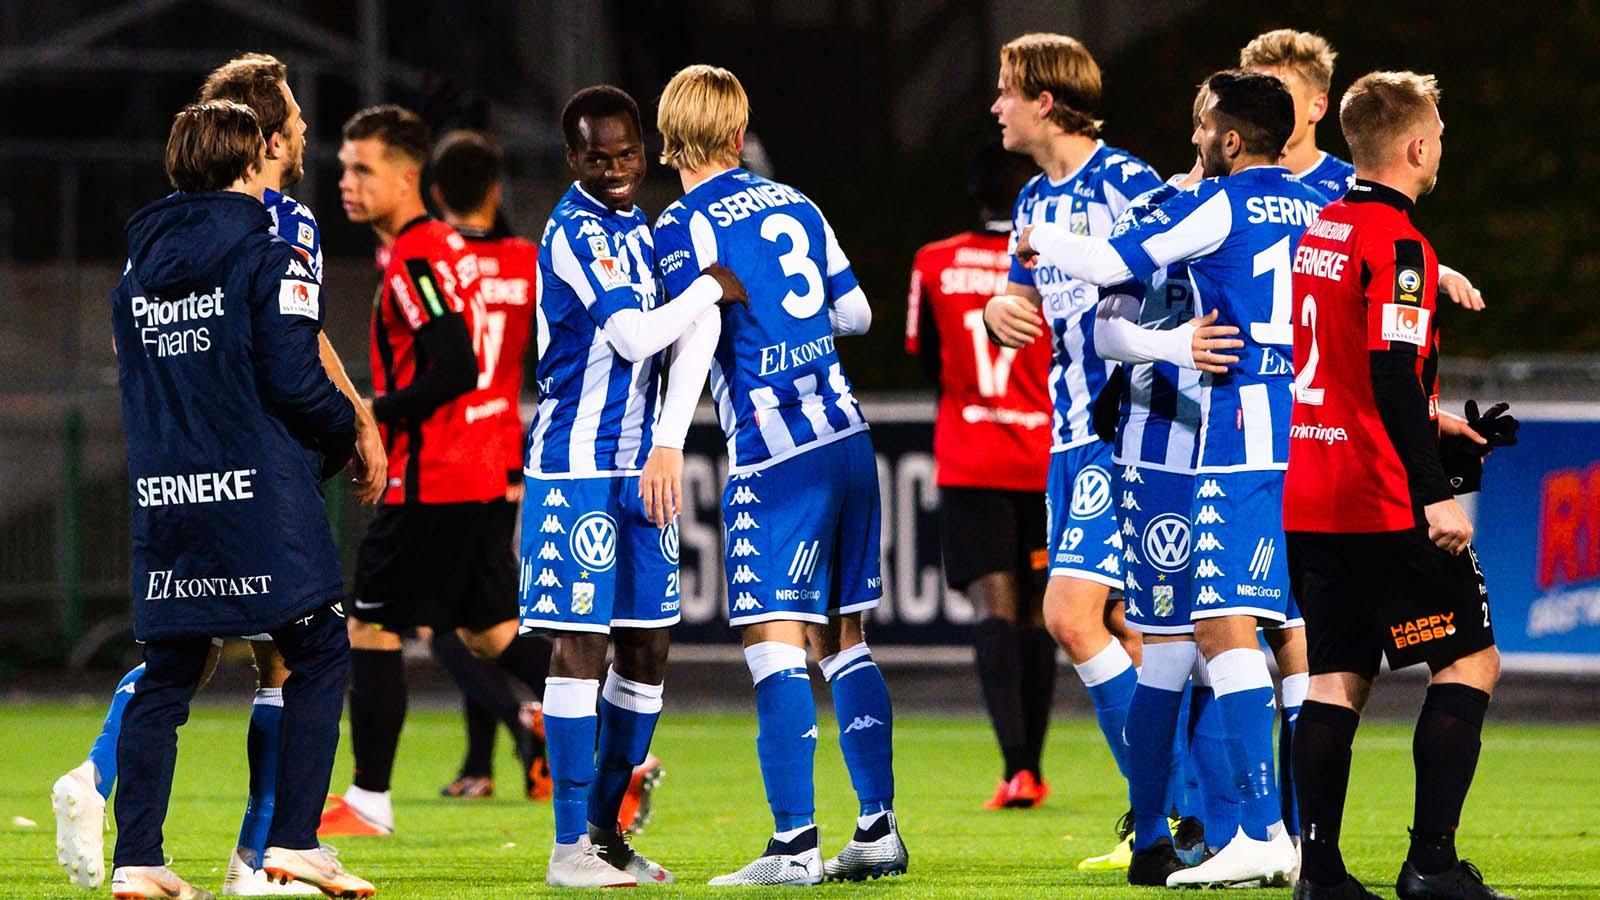 181022 IFK Göteborgs spelare jublar efter fotbollsmatchen i Allsvenskan mellan Brommapojkarna och IFK Göteborg den 22 oktober 2018 i Stockholm. Foto: Simon Hastegård / Bildbyrån / Cop 118